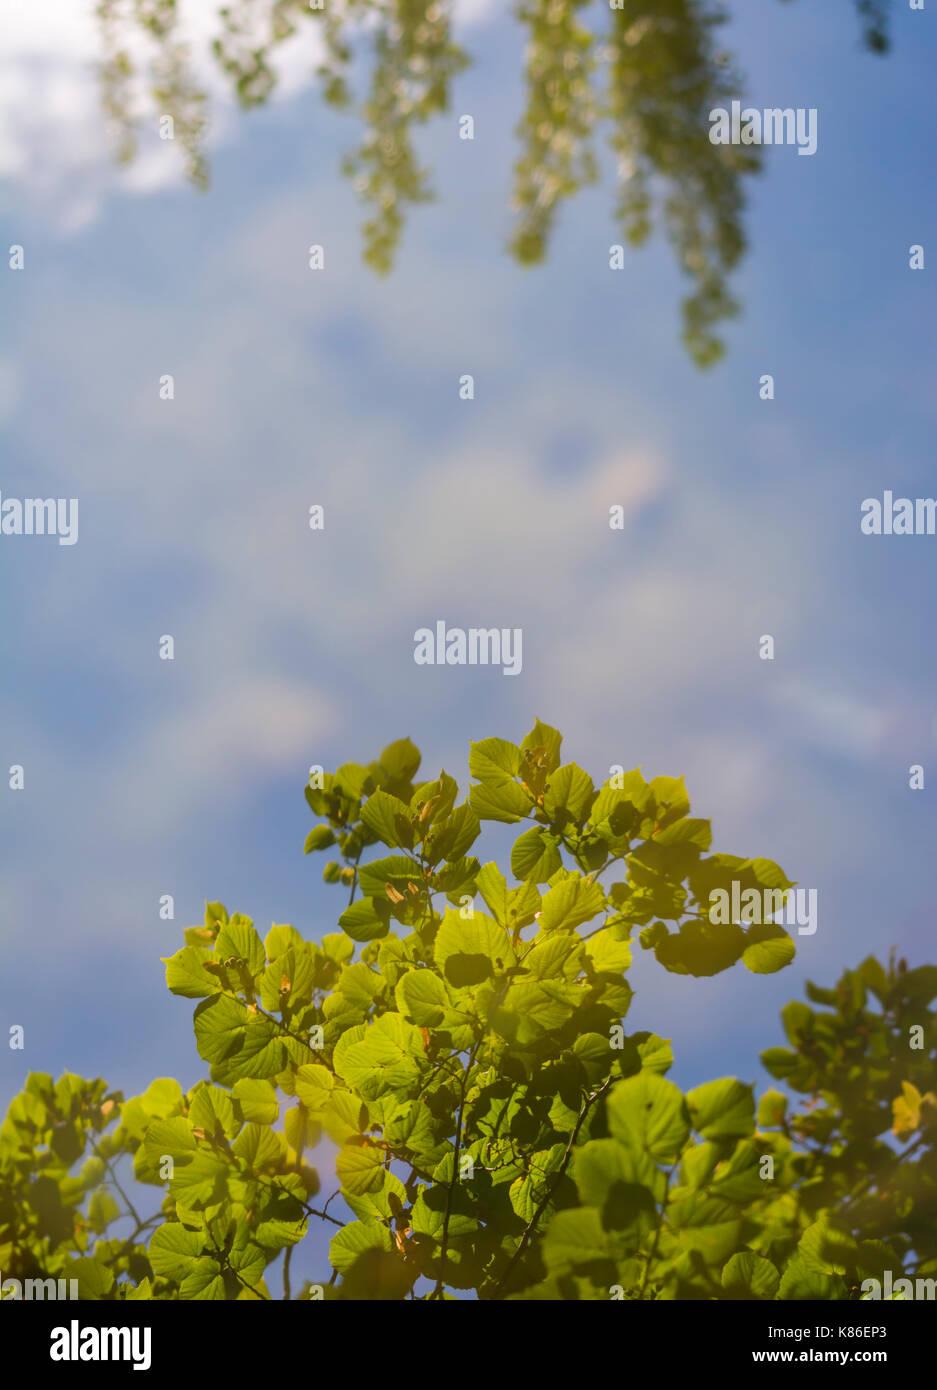 Ciel bleu et arbres se reflétant dans les eaux calmes une journée d'automne, au Royaume-Uni. Parfait reflet dans l'eau, en mode portrait avec copie espace. Photo Stock